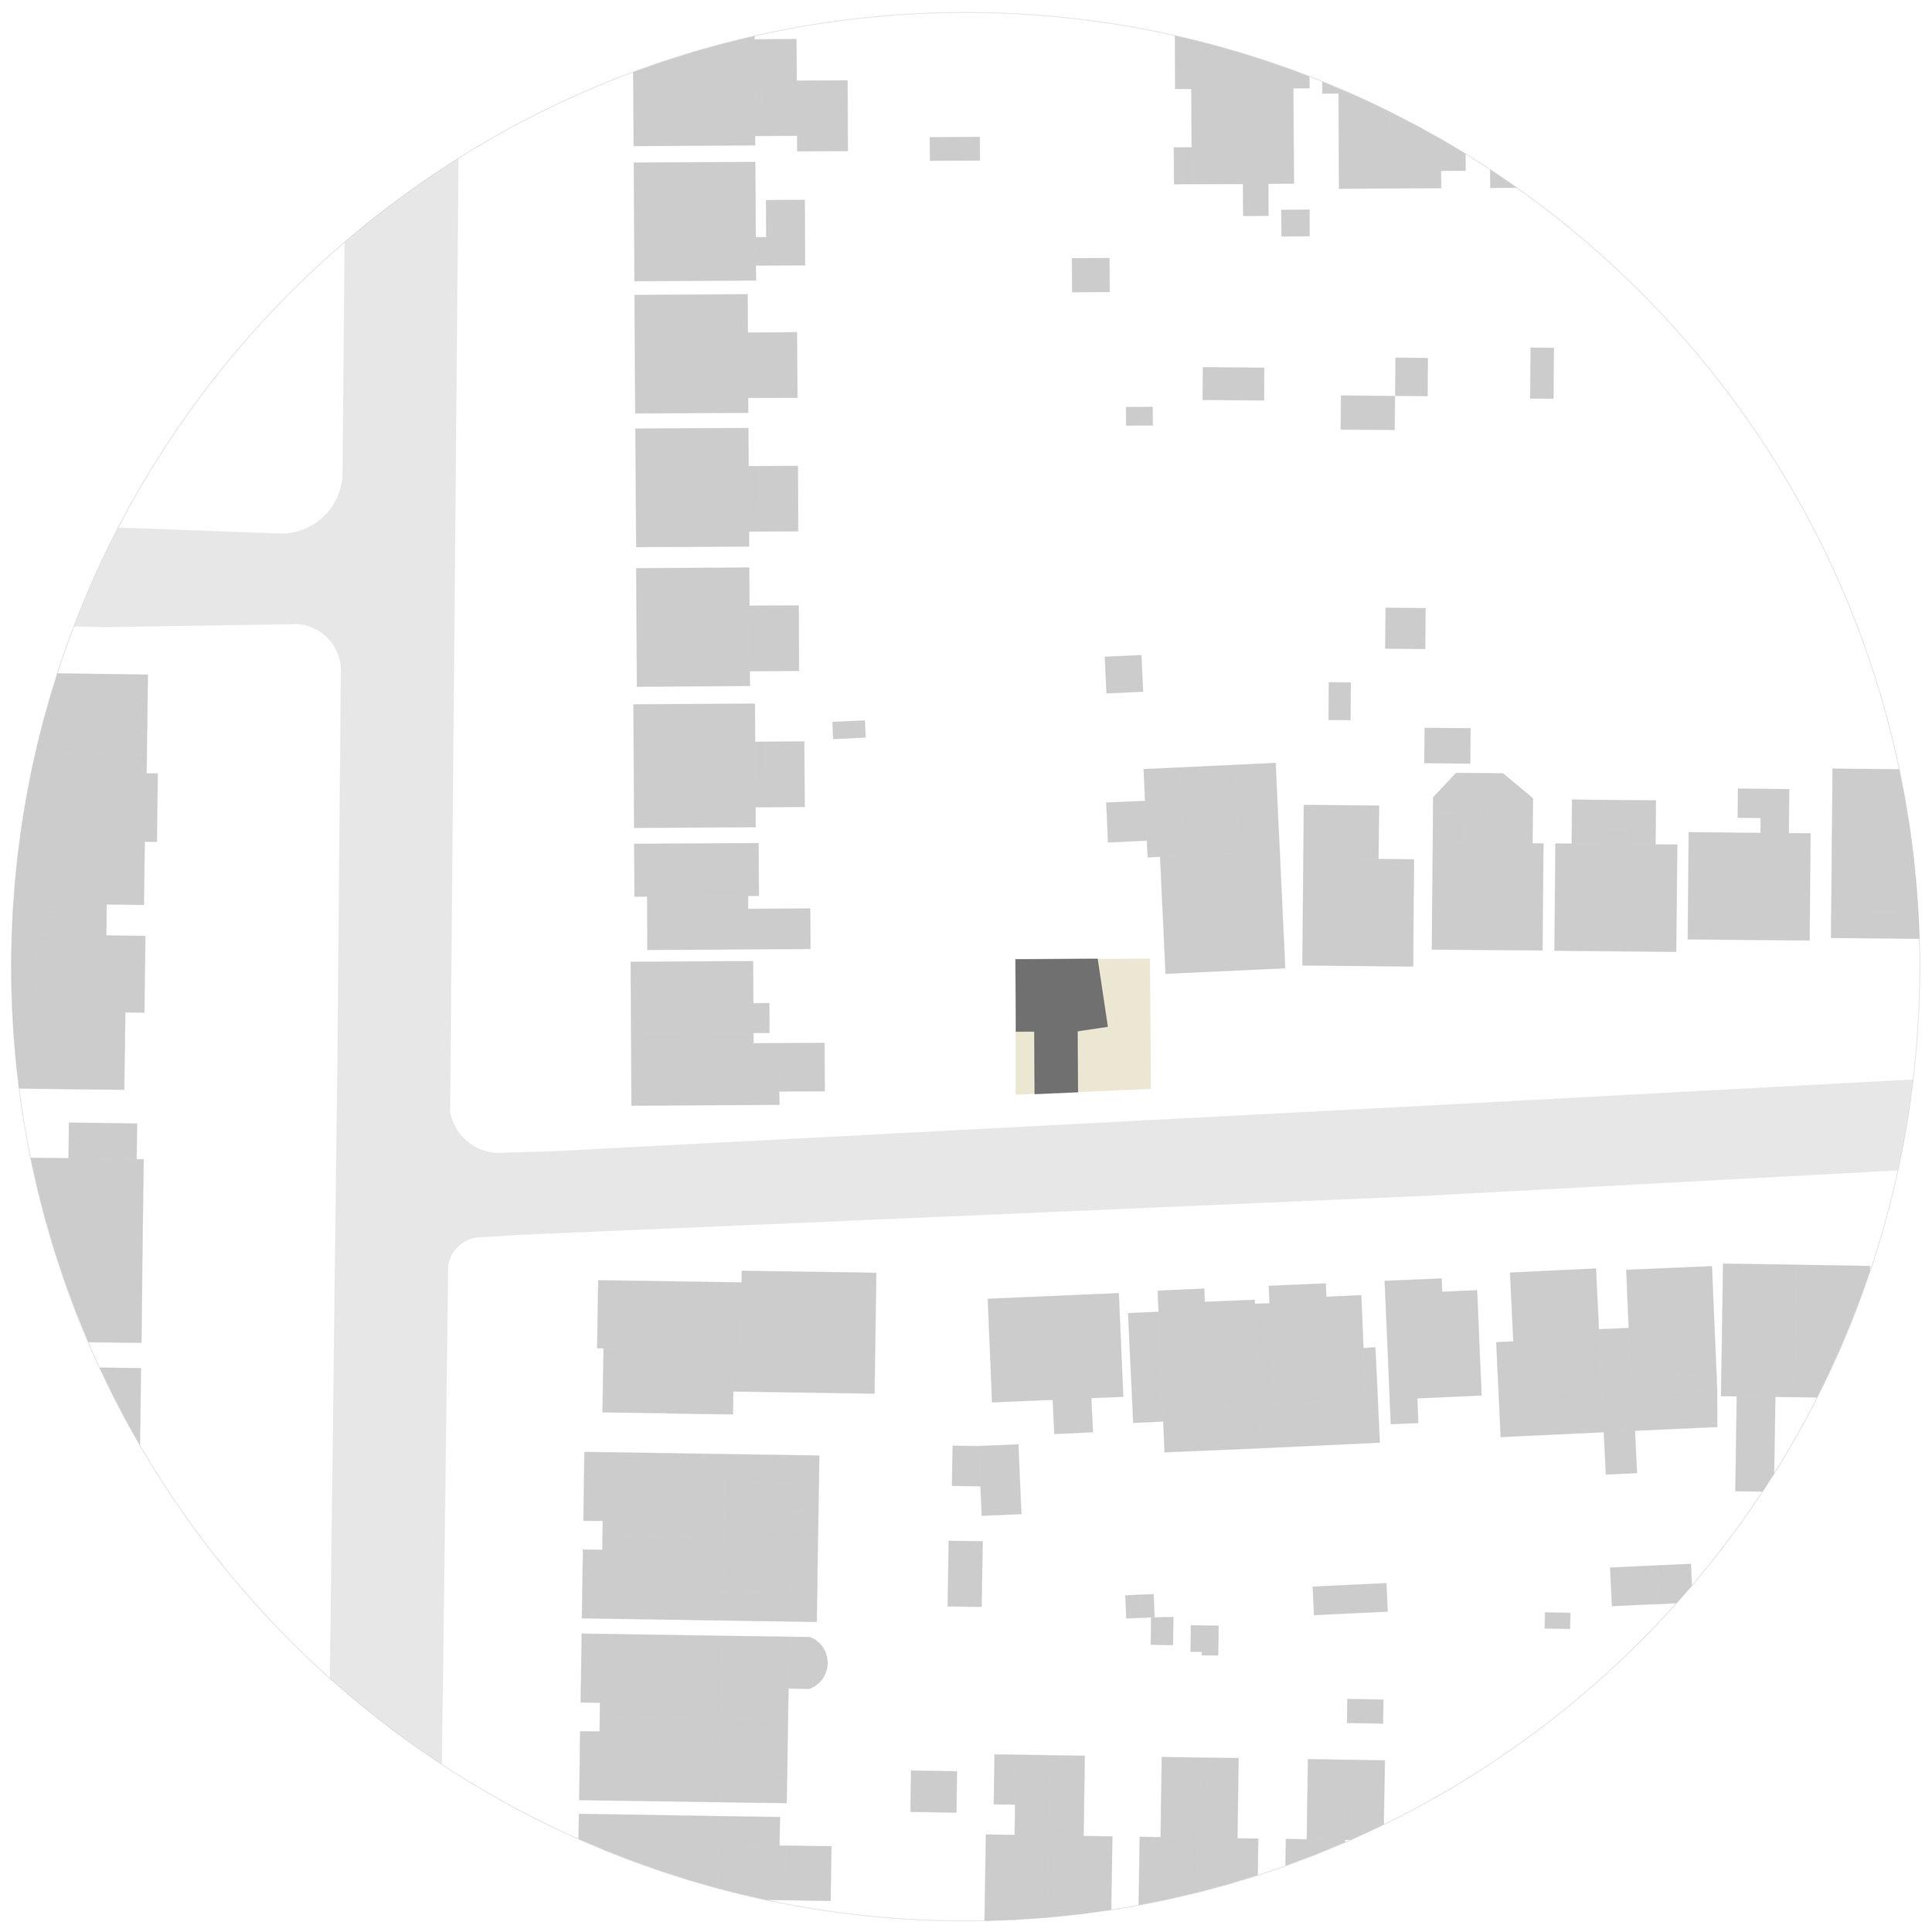 1202_waldeck_locationplan.jpg